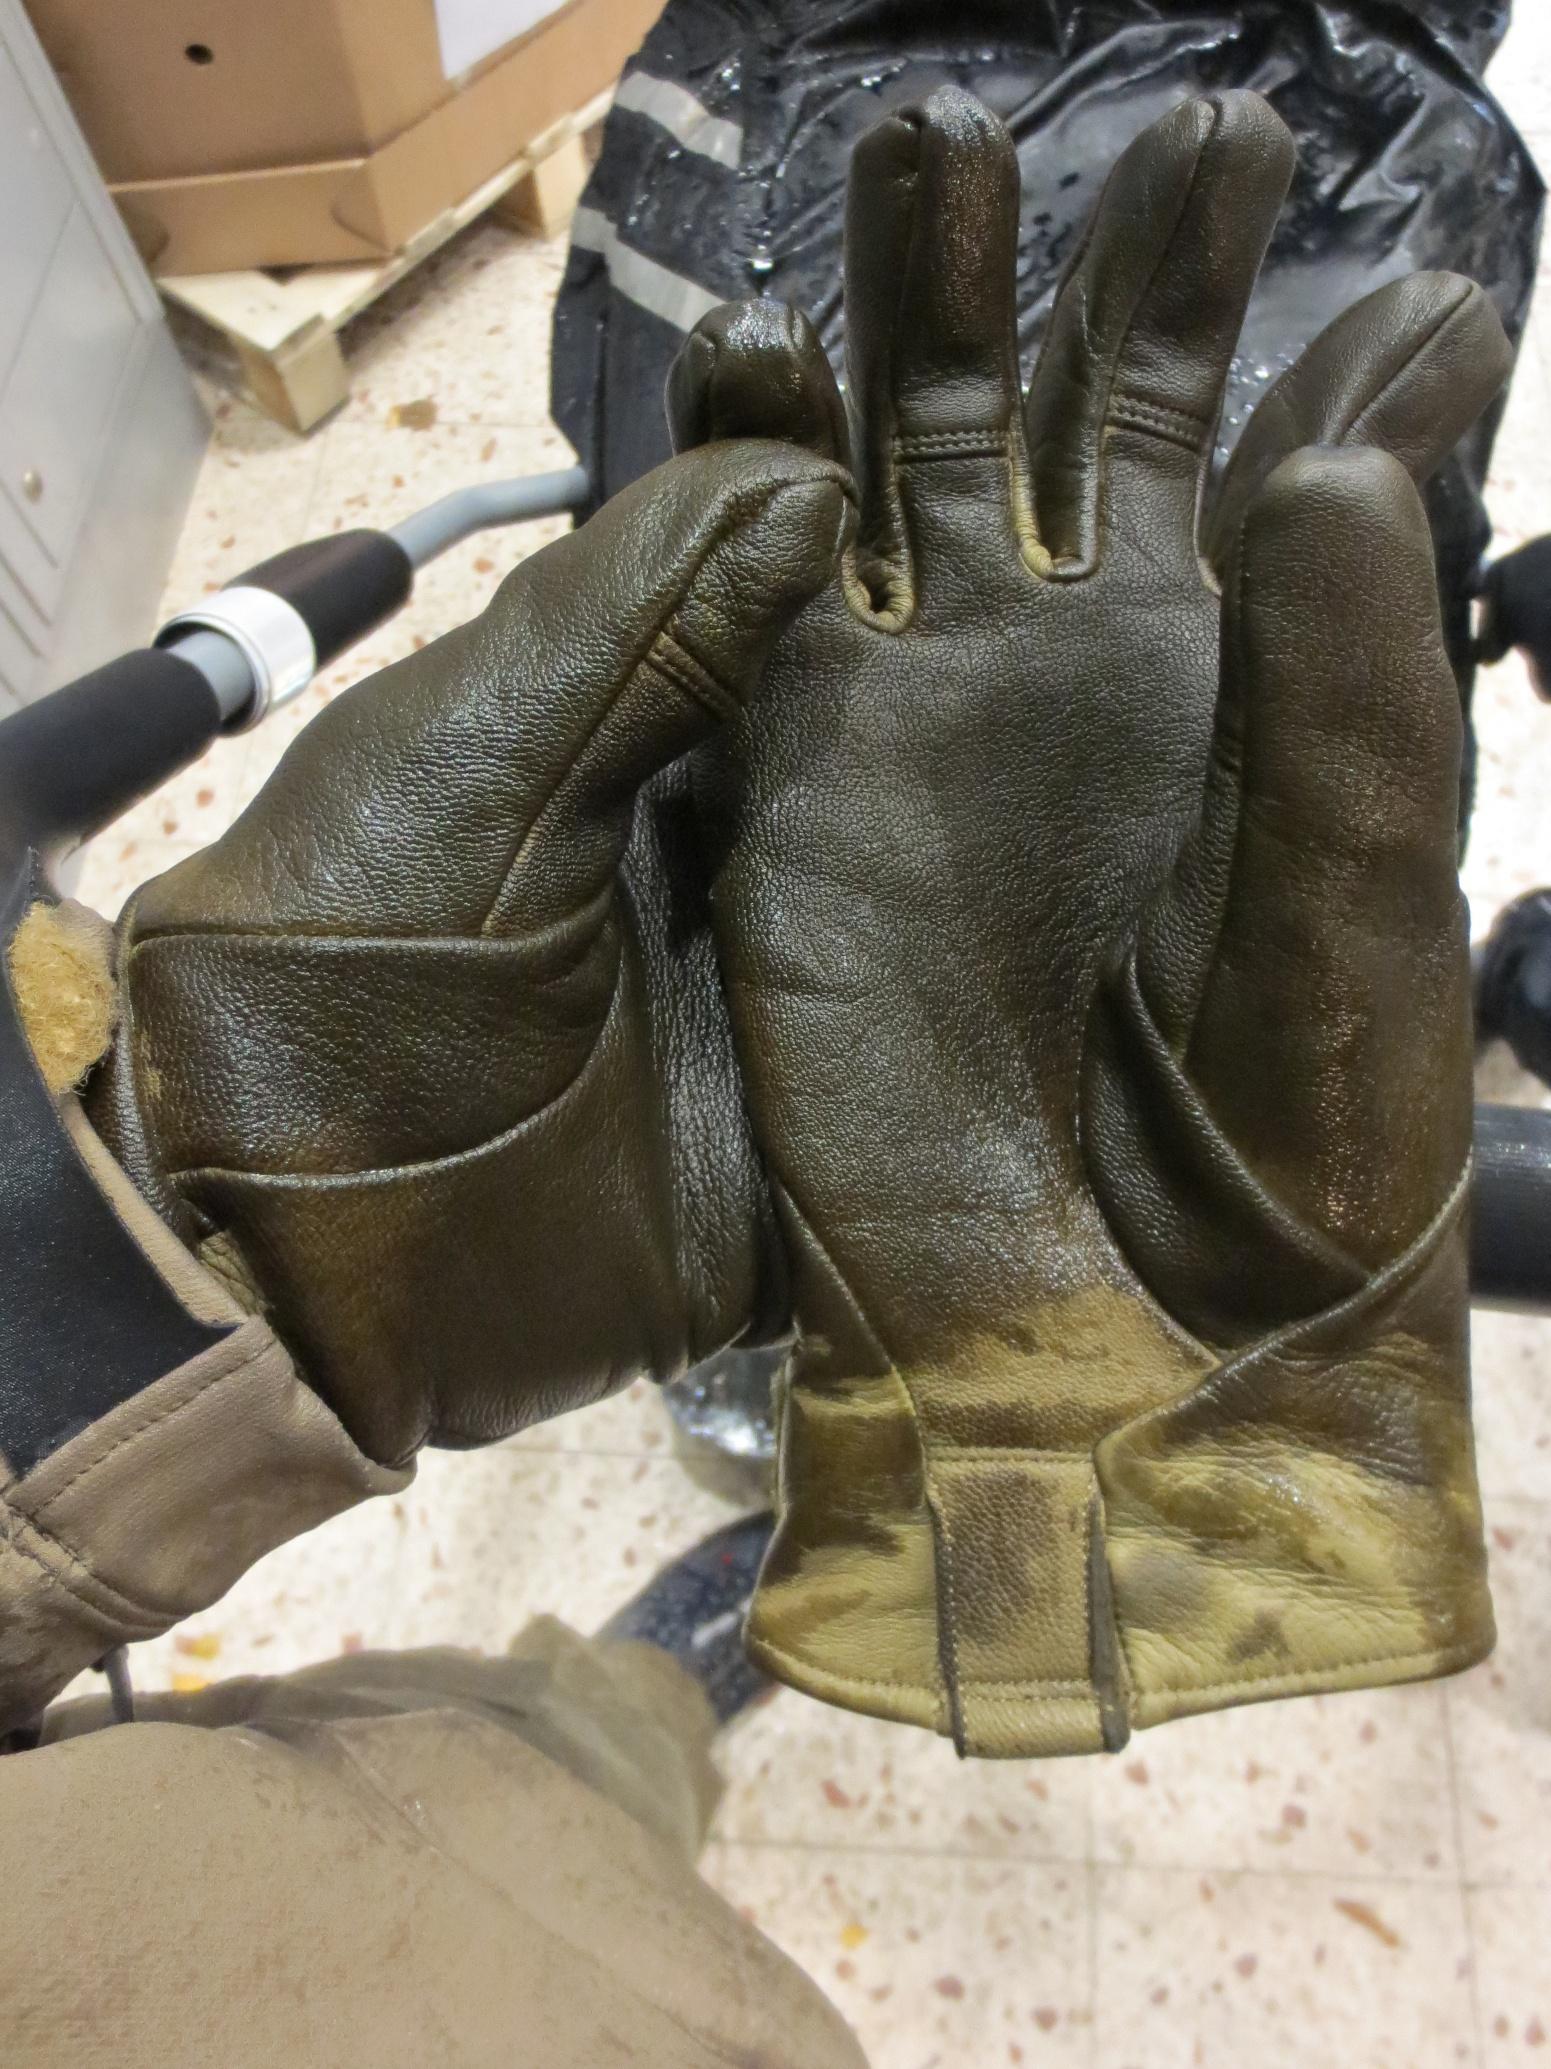 Arc Teryx Drac Jacket Amp Tactician Ar Glove In The Rain